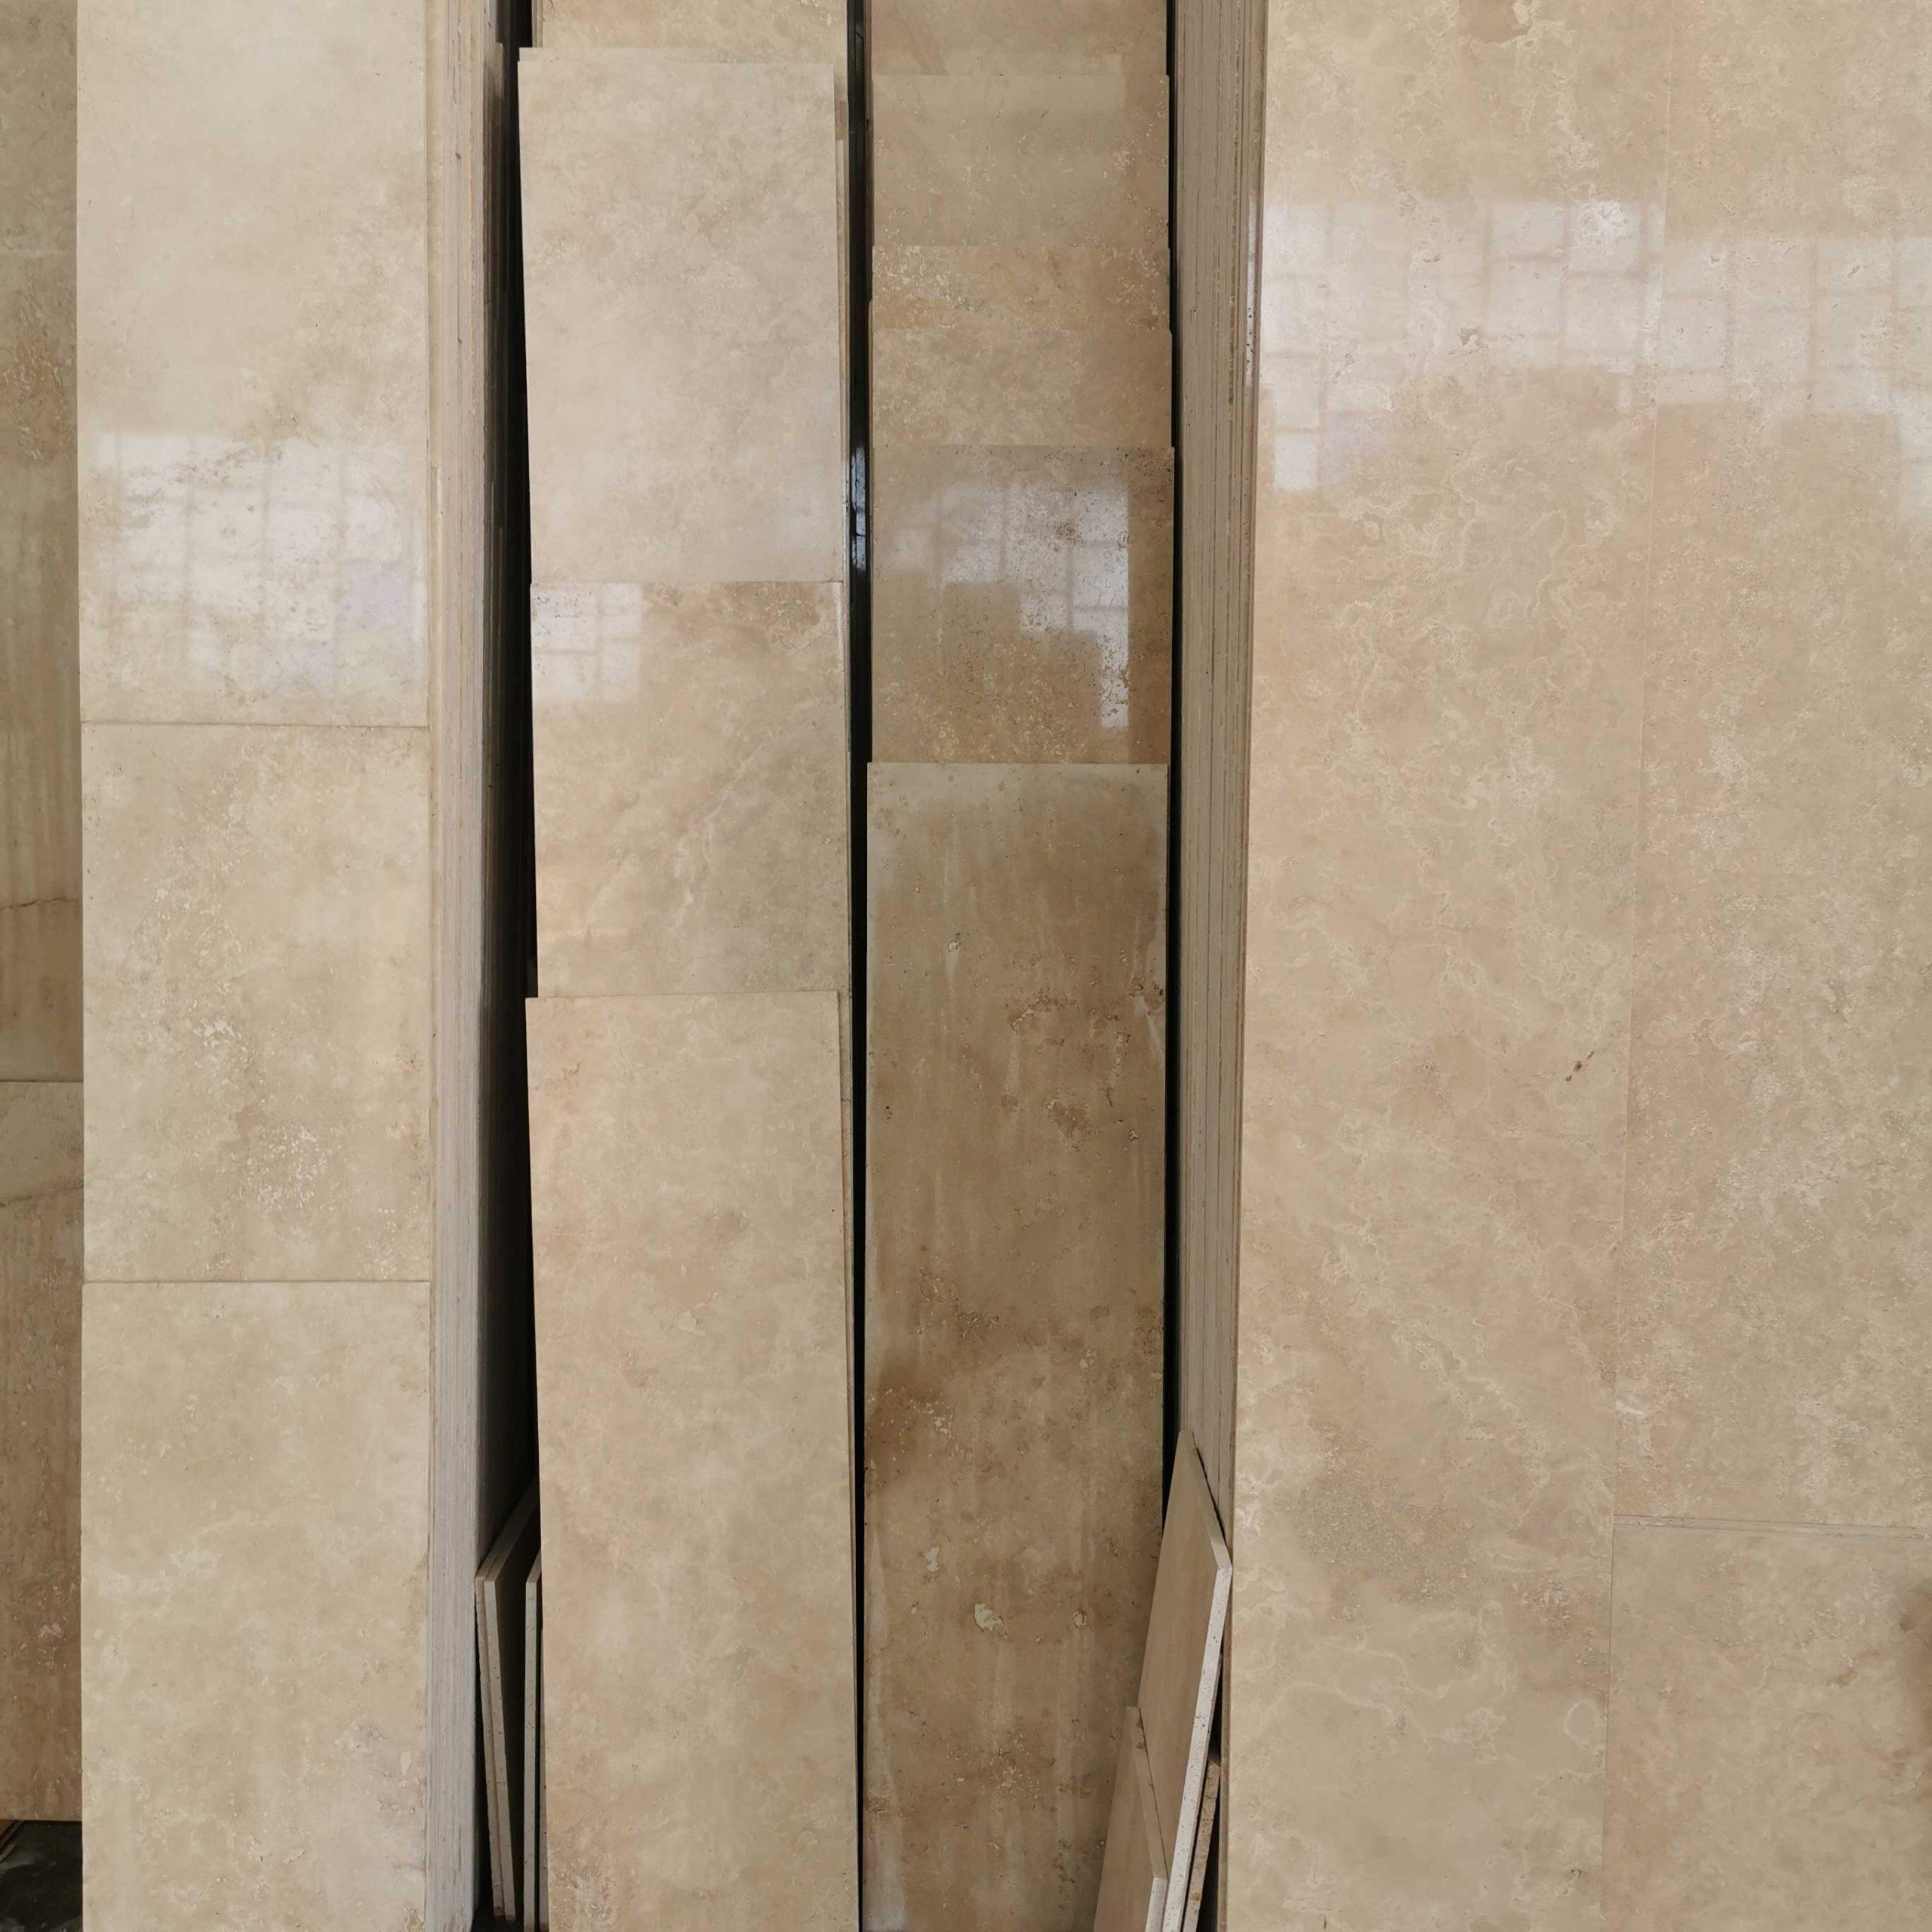 سنگ تراورتن محلات سفید سوپر – گالری 1